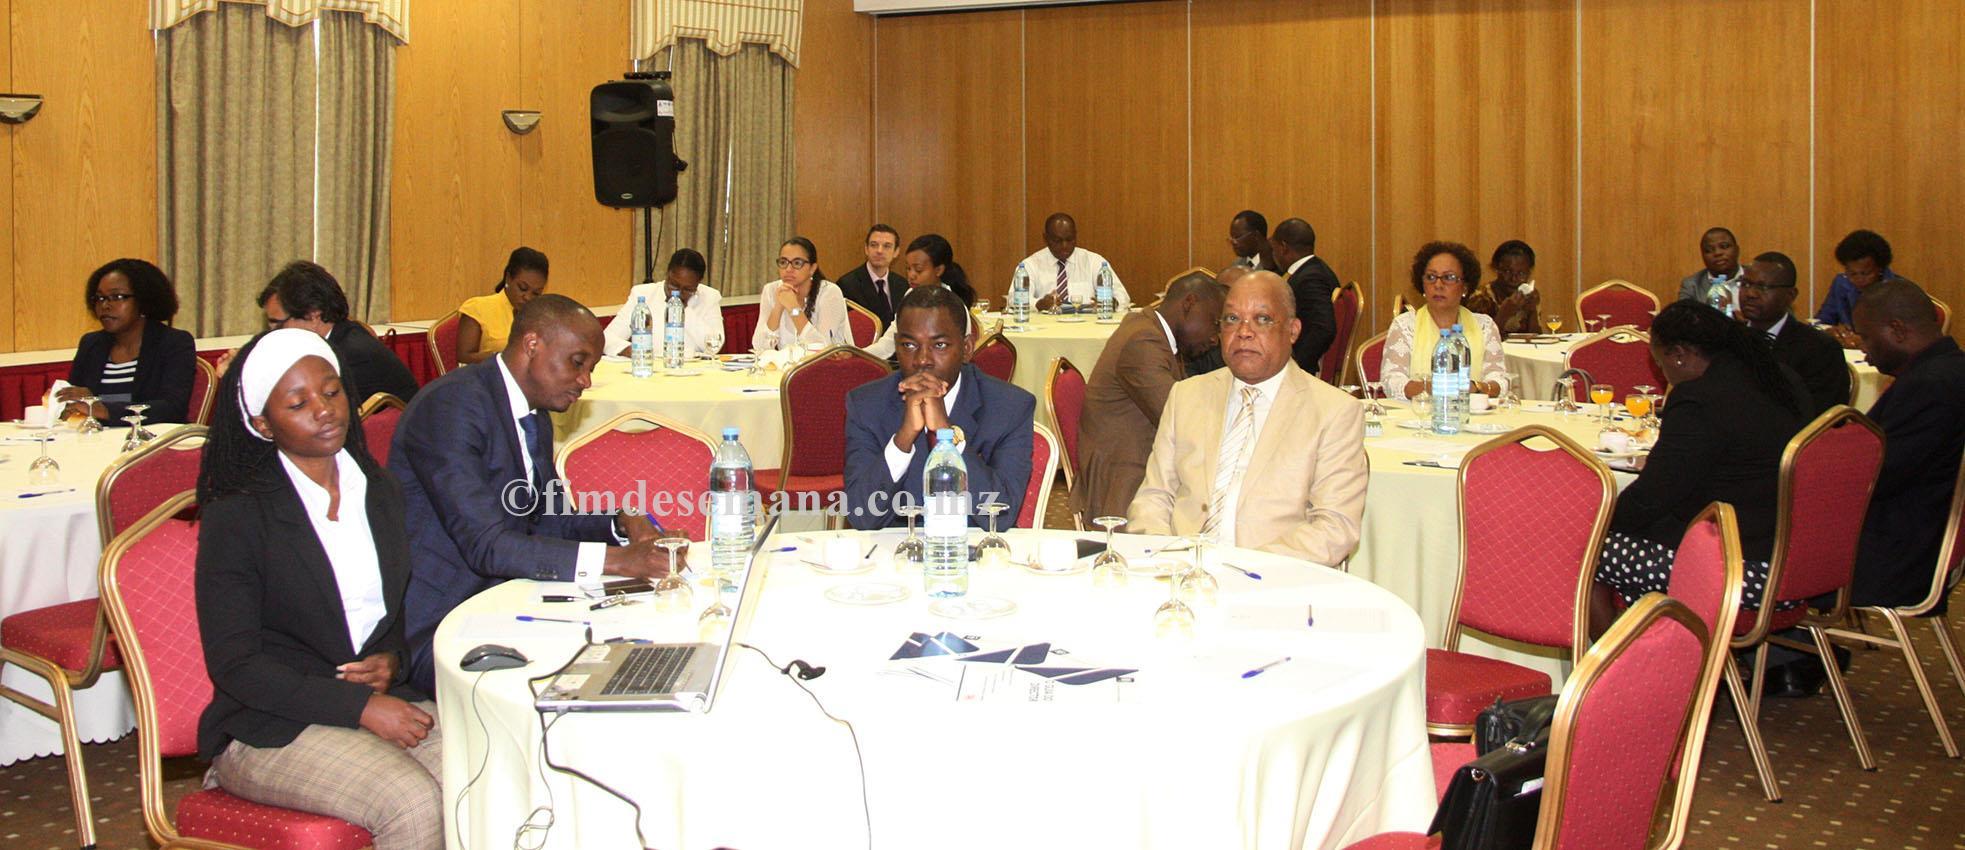 Participantes no encontro do Instituto de Directores de Moçambique